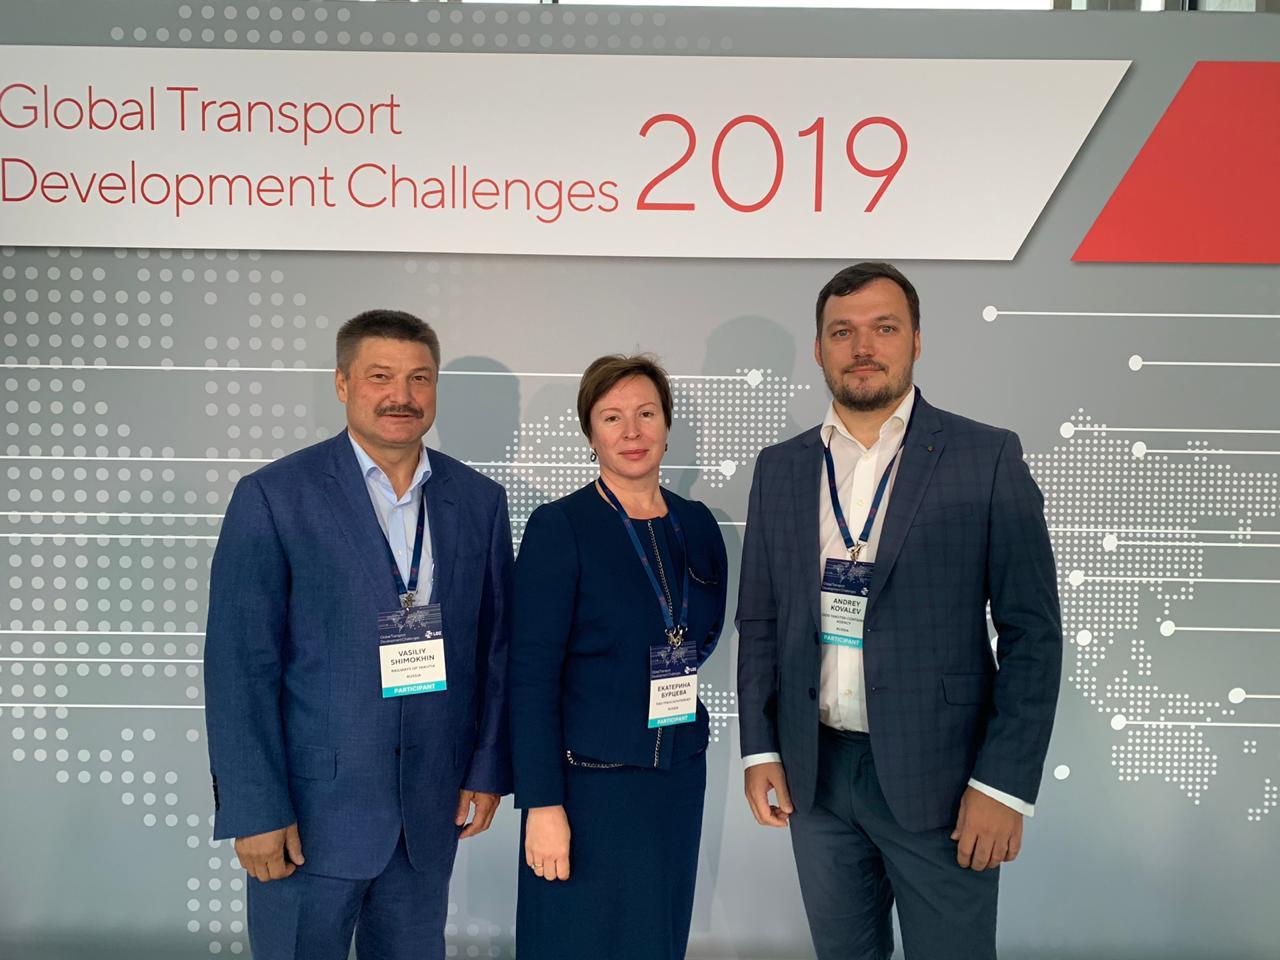 ЖДЯ и ТрансКонтейнер обсудили основные направления сотрудничества